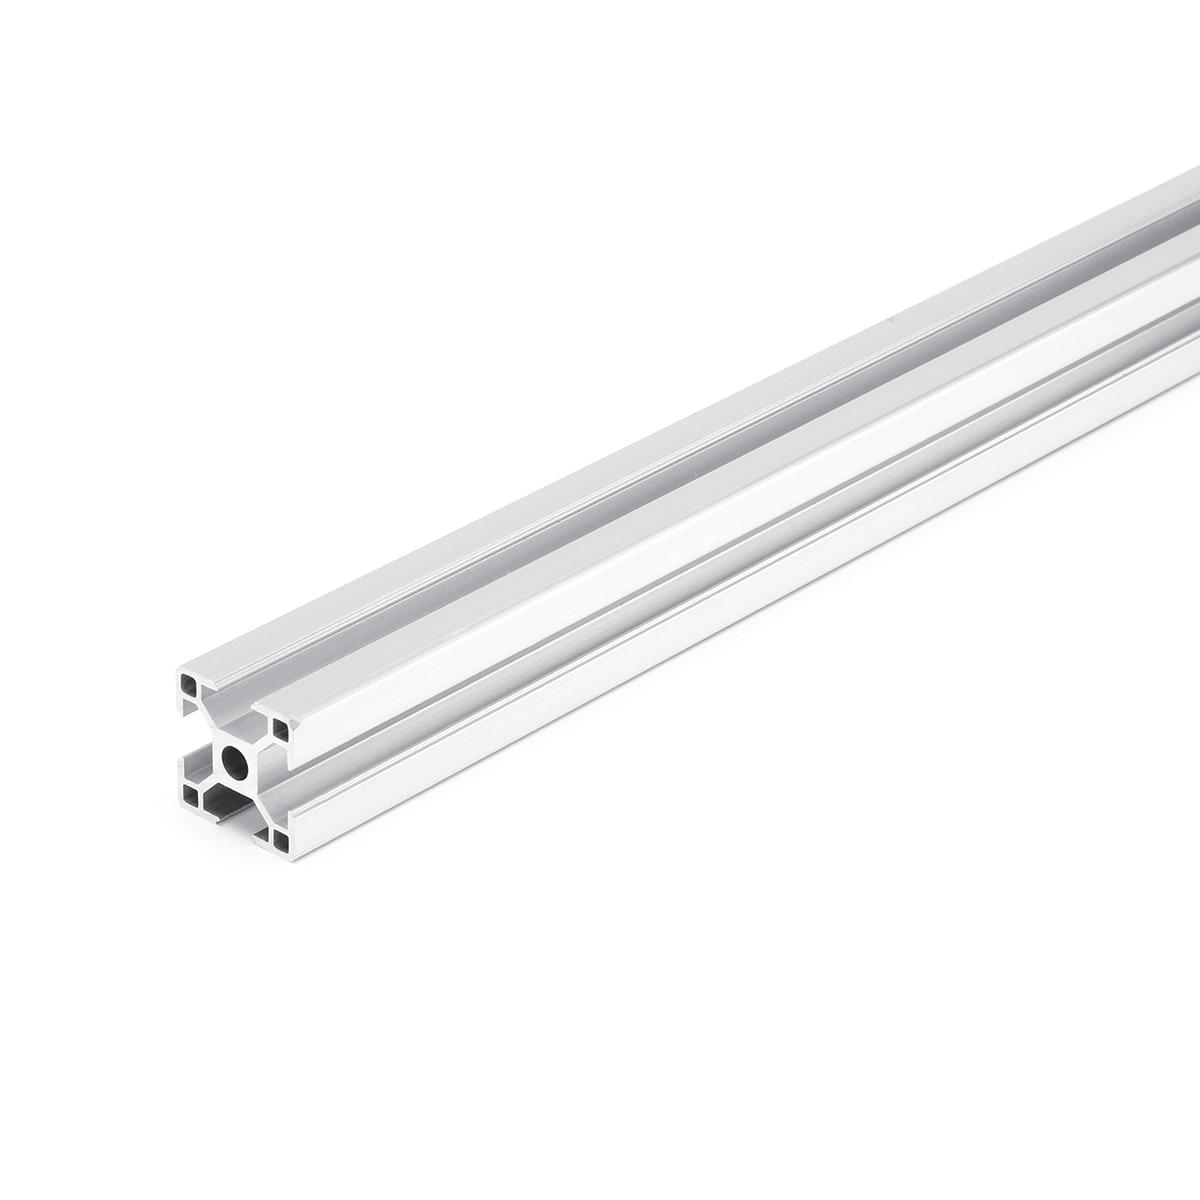 1000 мм Щепка 3030 т слот алюминиевый профиль экструзионная рамка для стендов мебель 3d принтер лазер